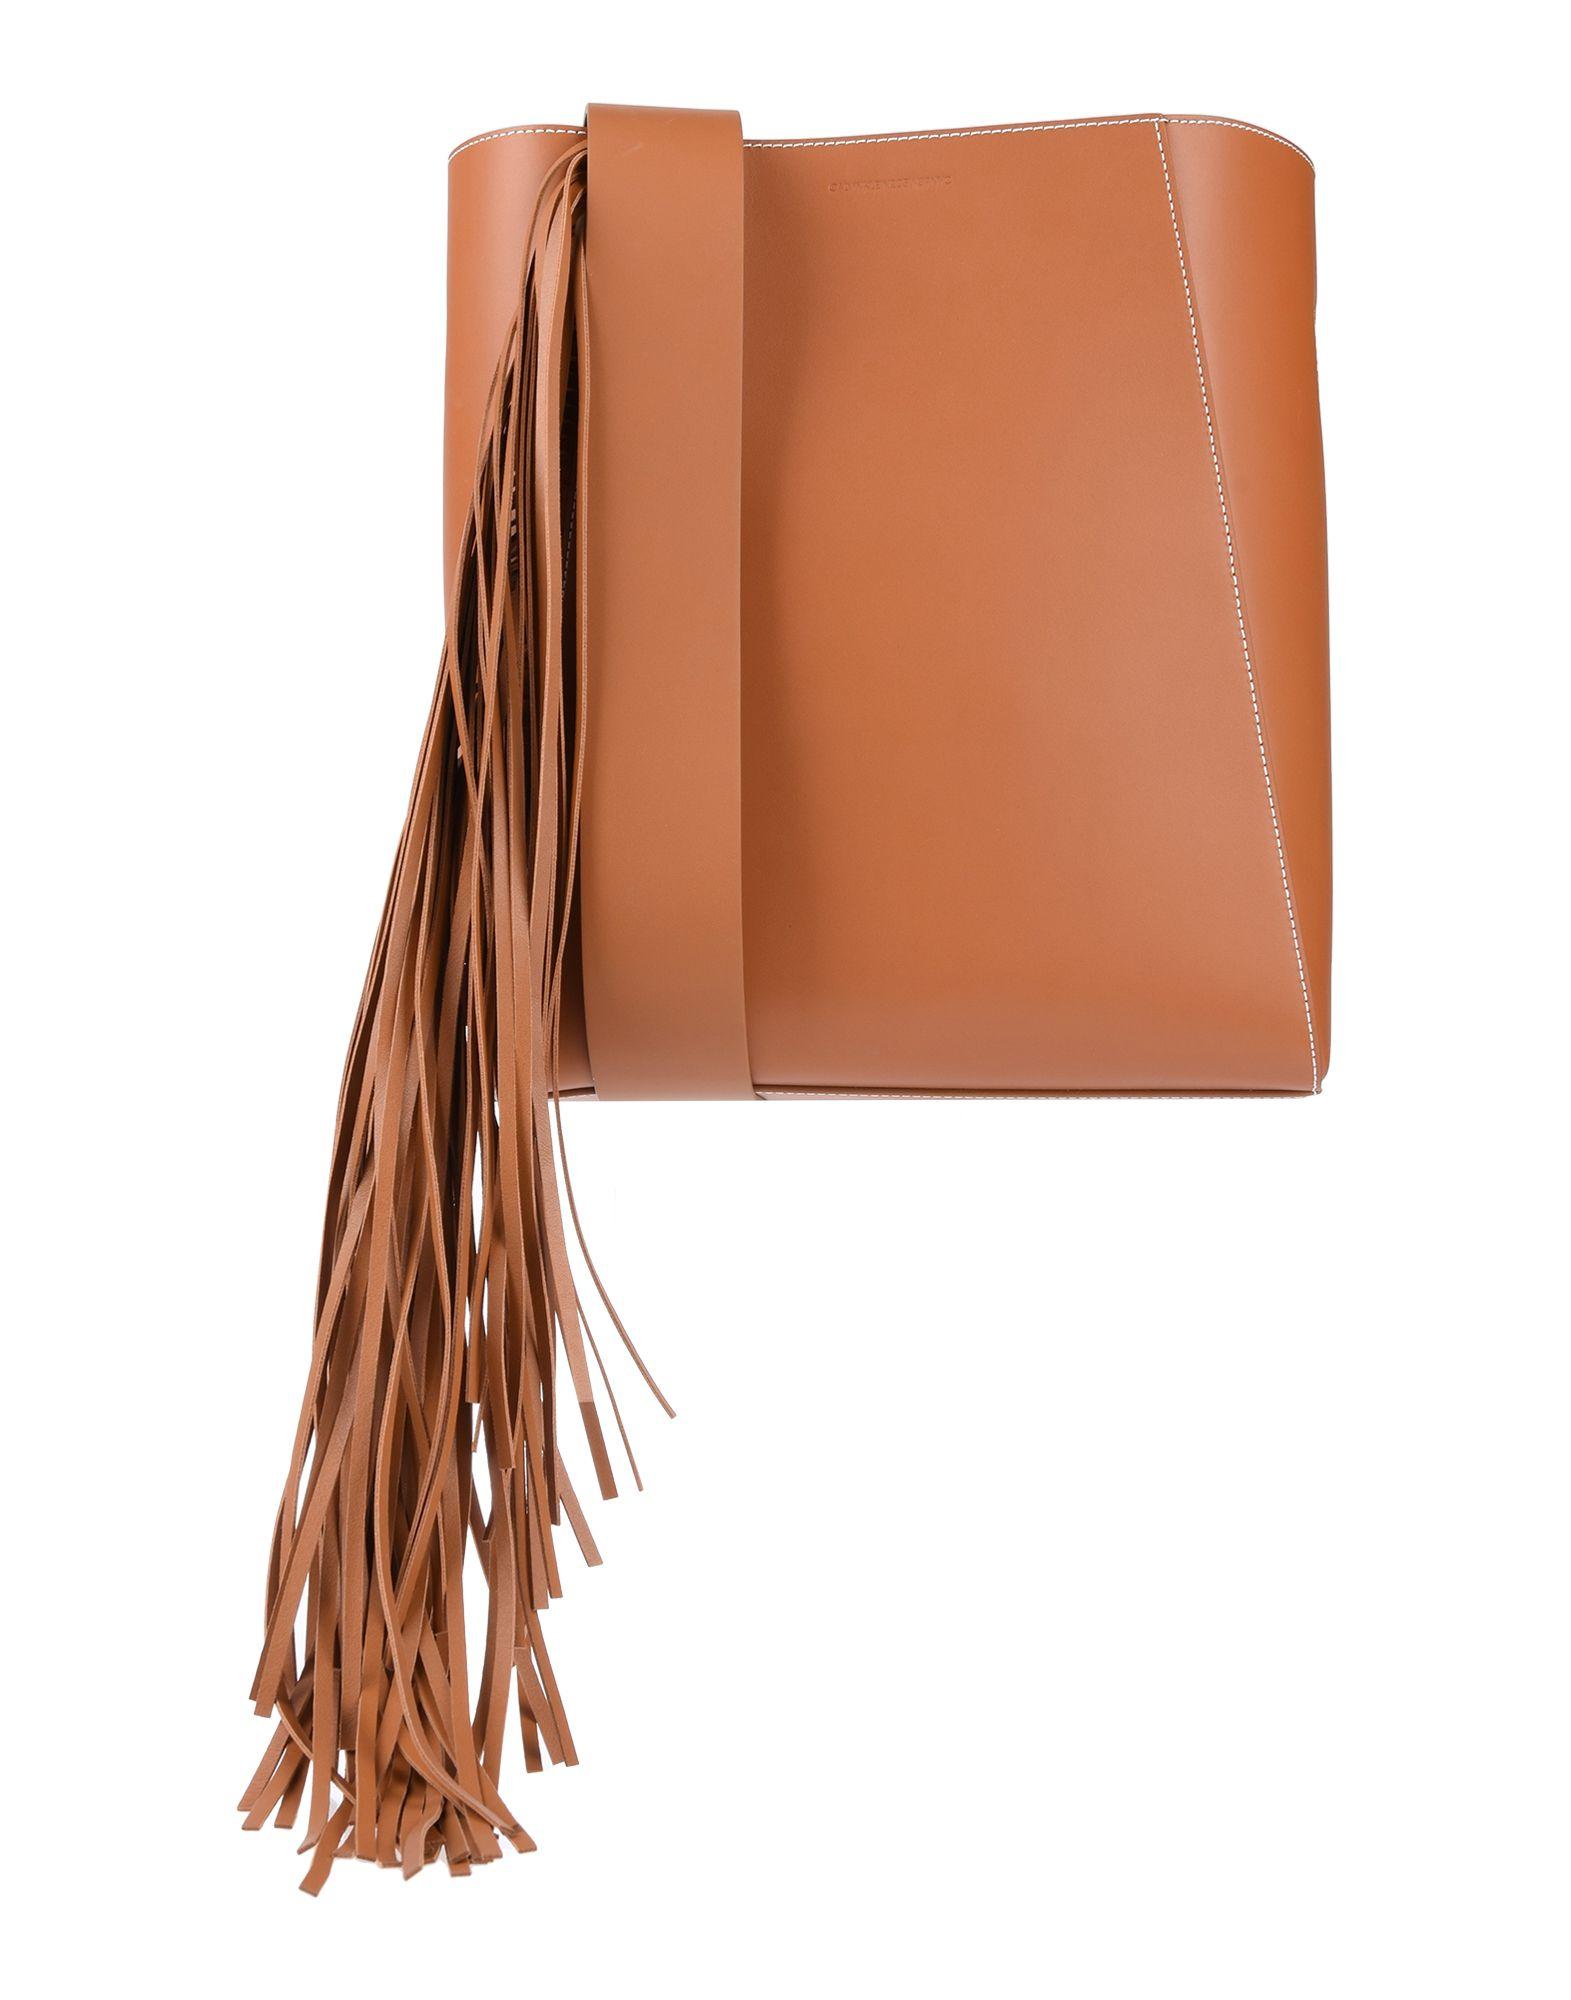 calvin klein 205w39nyc сумка на плечо CALVIN KLEIN 205W39NYC Сумка на плечо